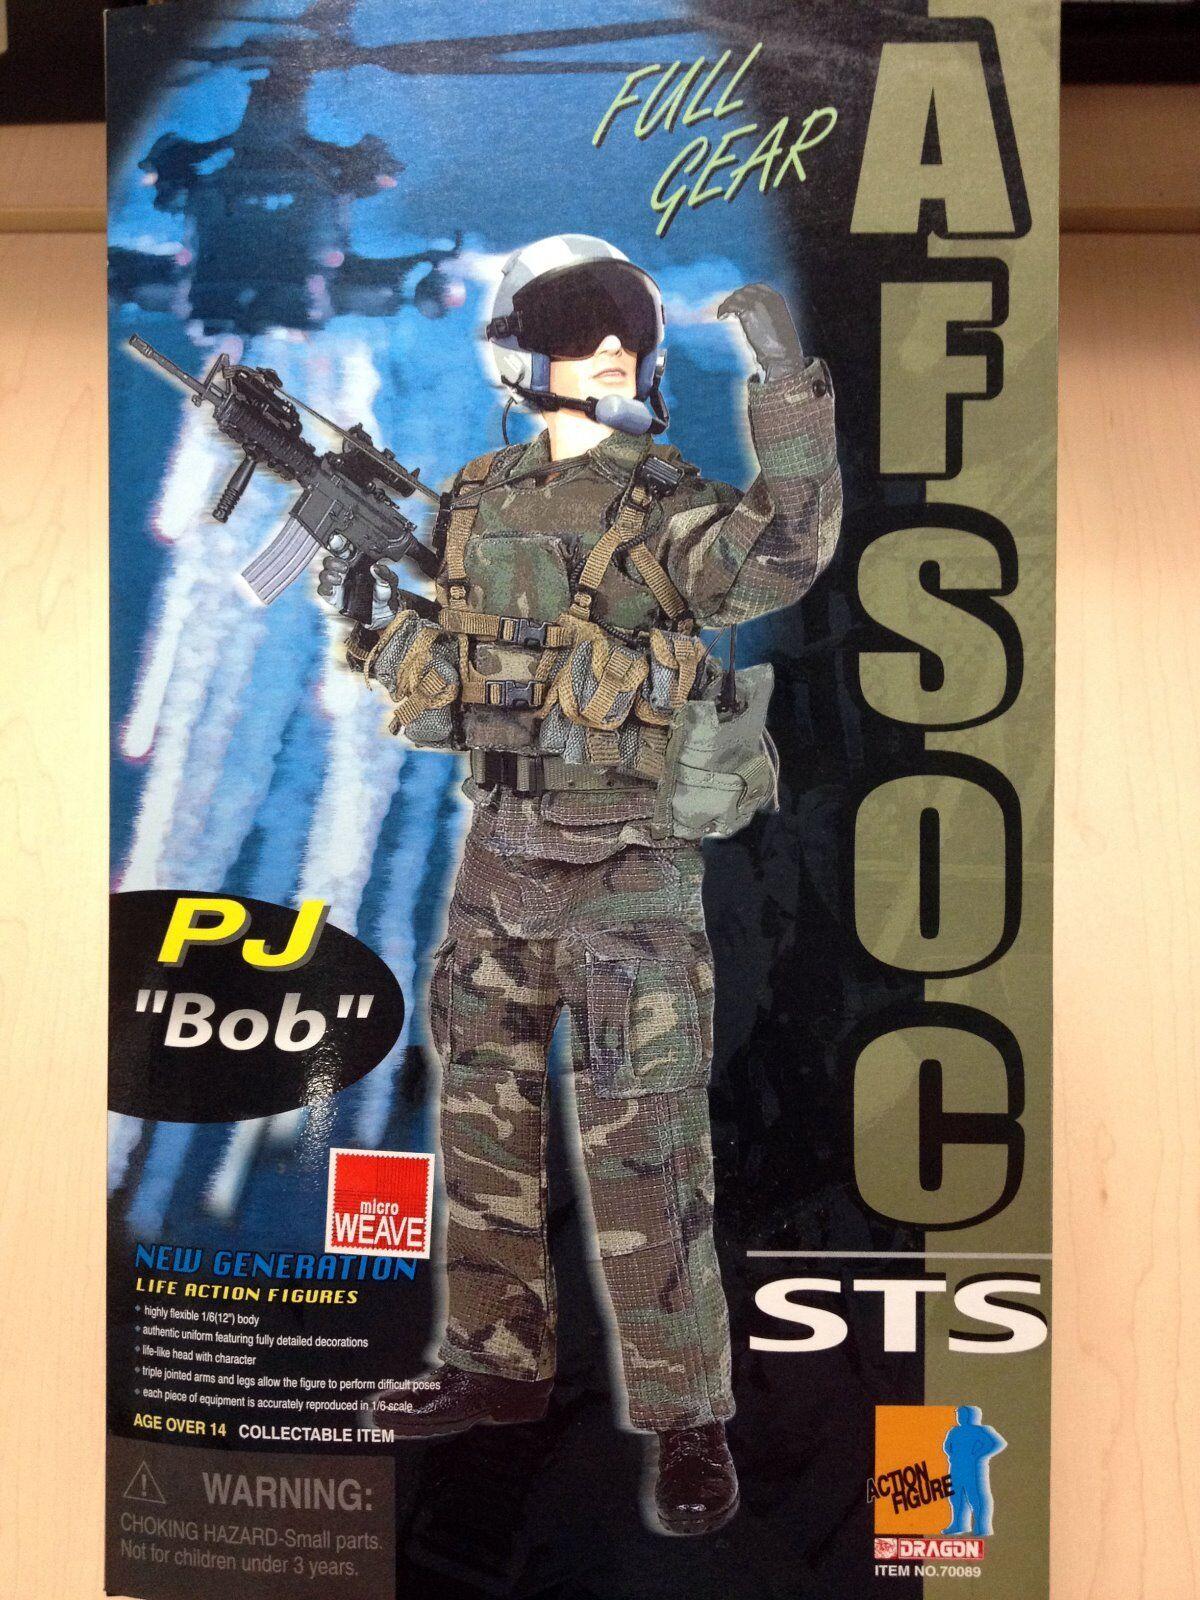 DRAGON 1 6 Figure AFSOC STS PJ Bob MIB - 70089